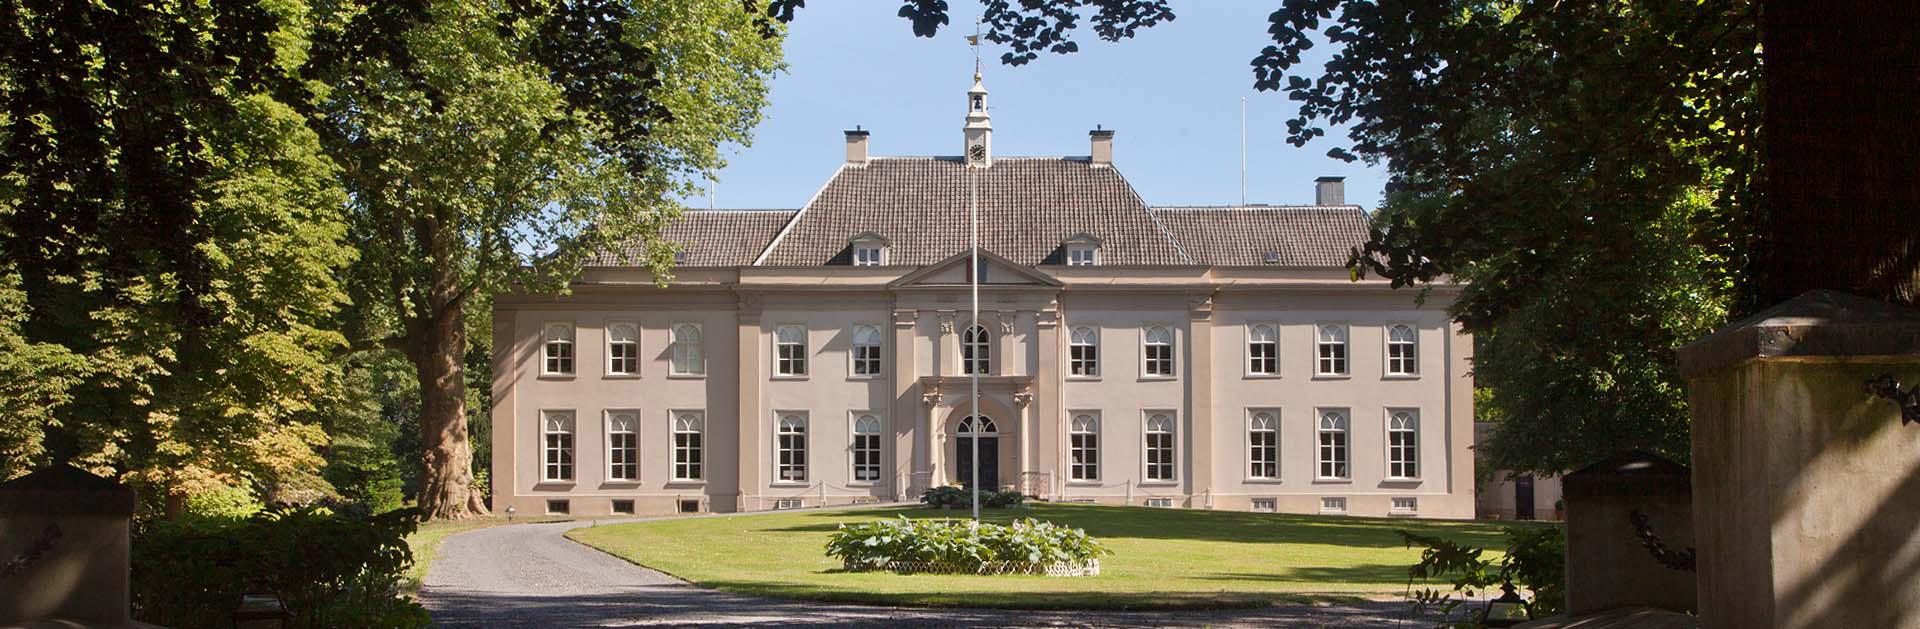 Huis Landfort - Gendringen